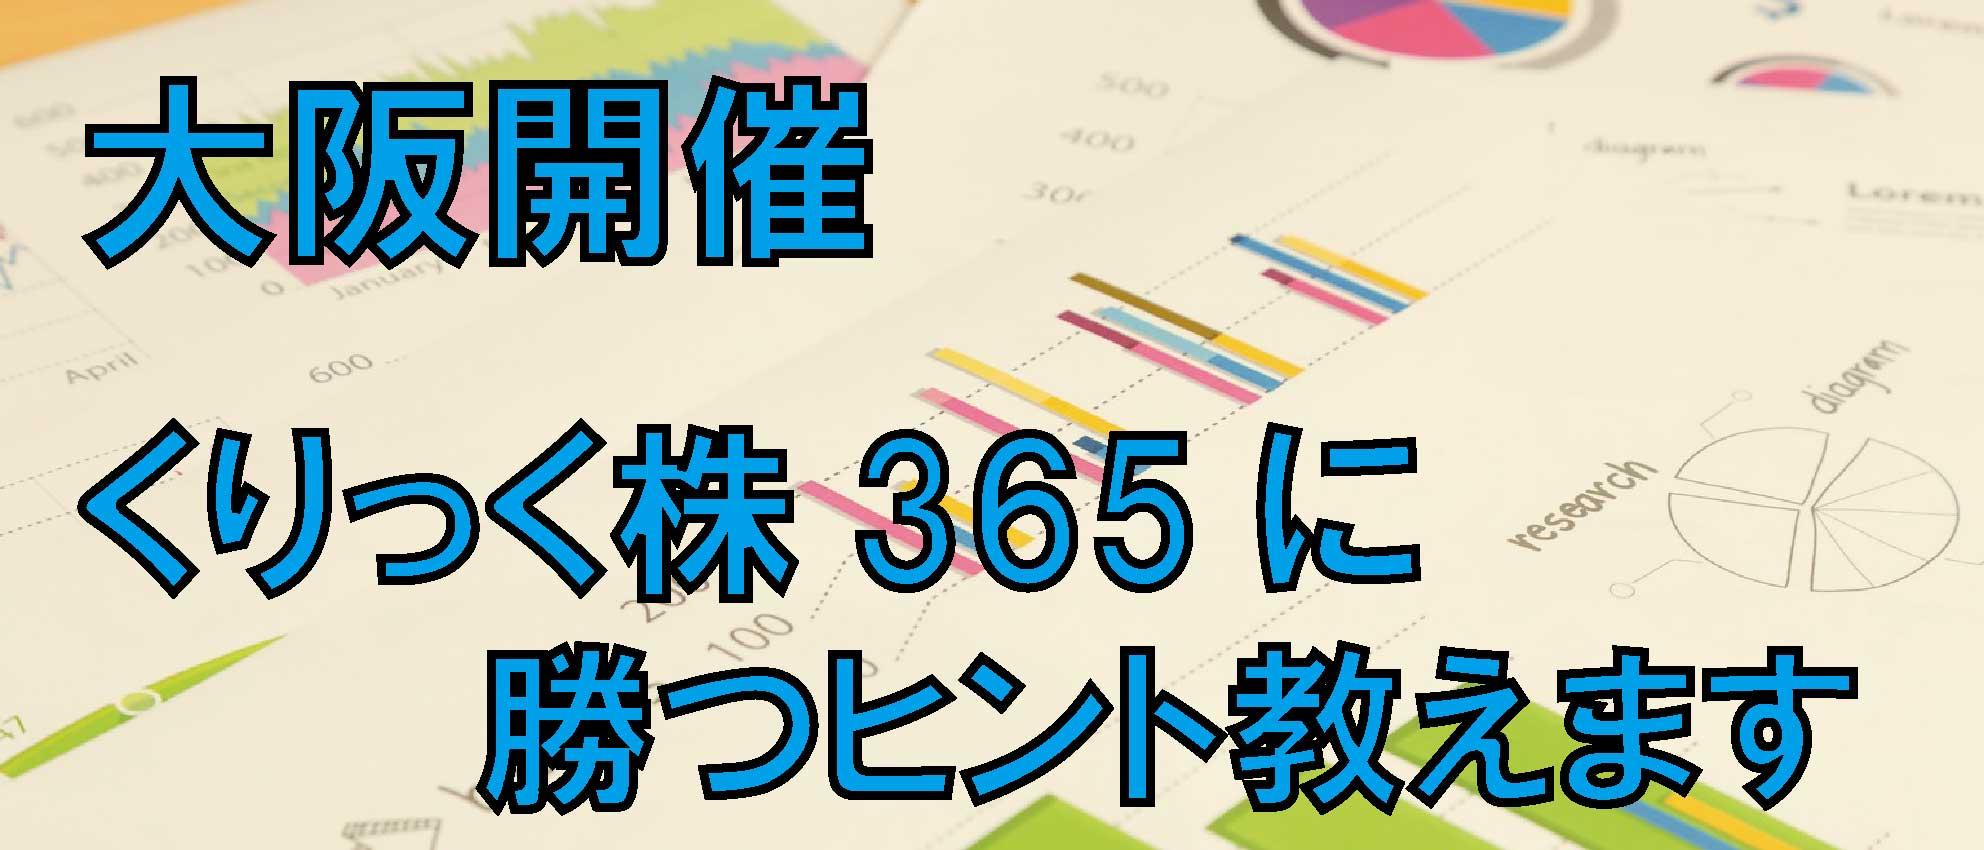 07/08大阪 【日経平均】 くりっく株365に勝つヒント教えます